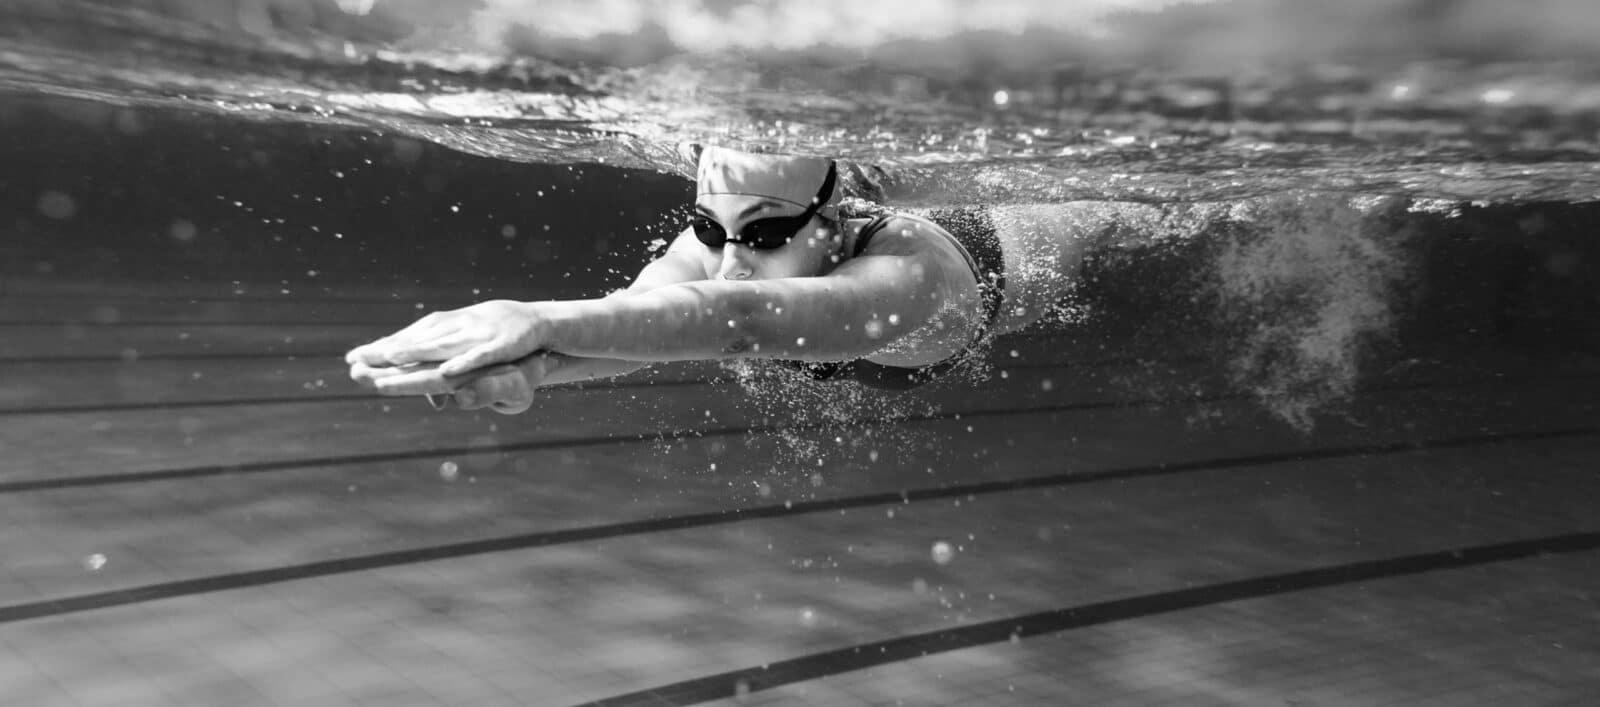 Les bienfaits de la natation: la brasse - le crawl - le dos crawlé ou le papillon - dr Paillard